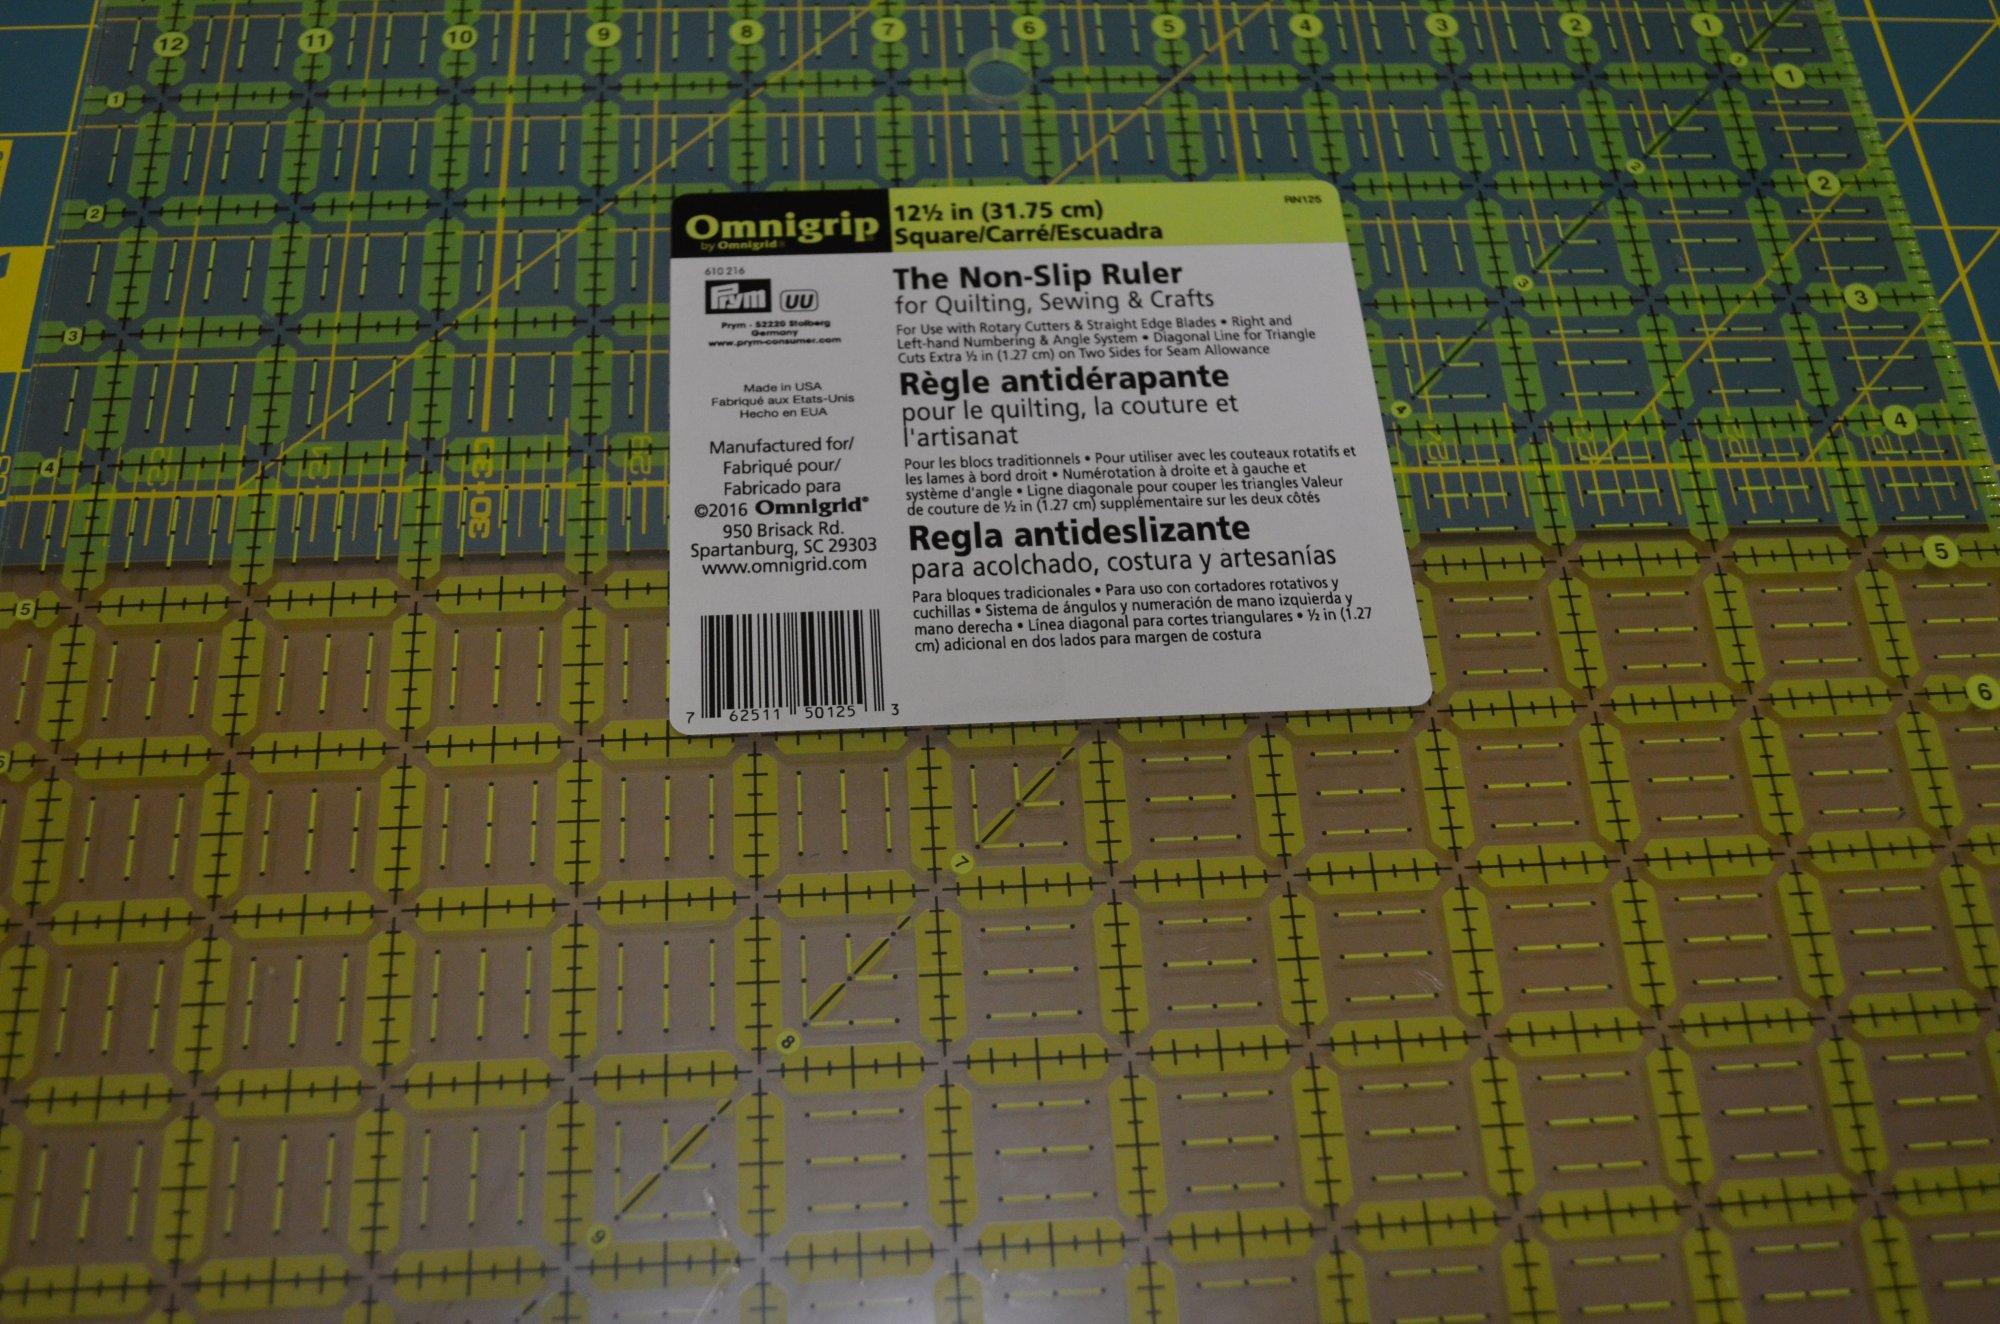 Omnigrid Omnigrip Neon Ruler 12 1/2in x 12 1/2in